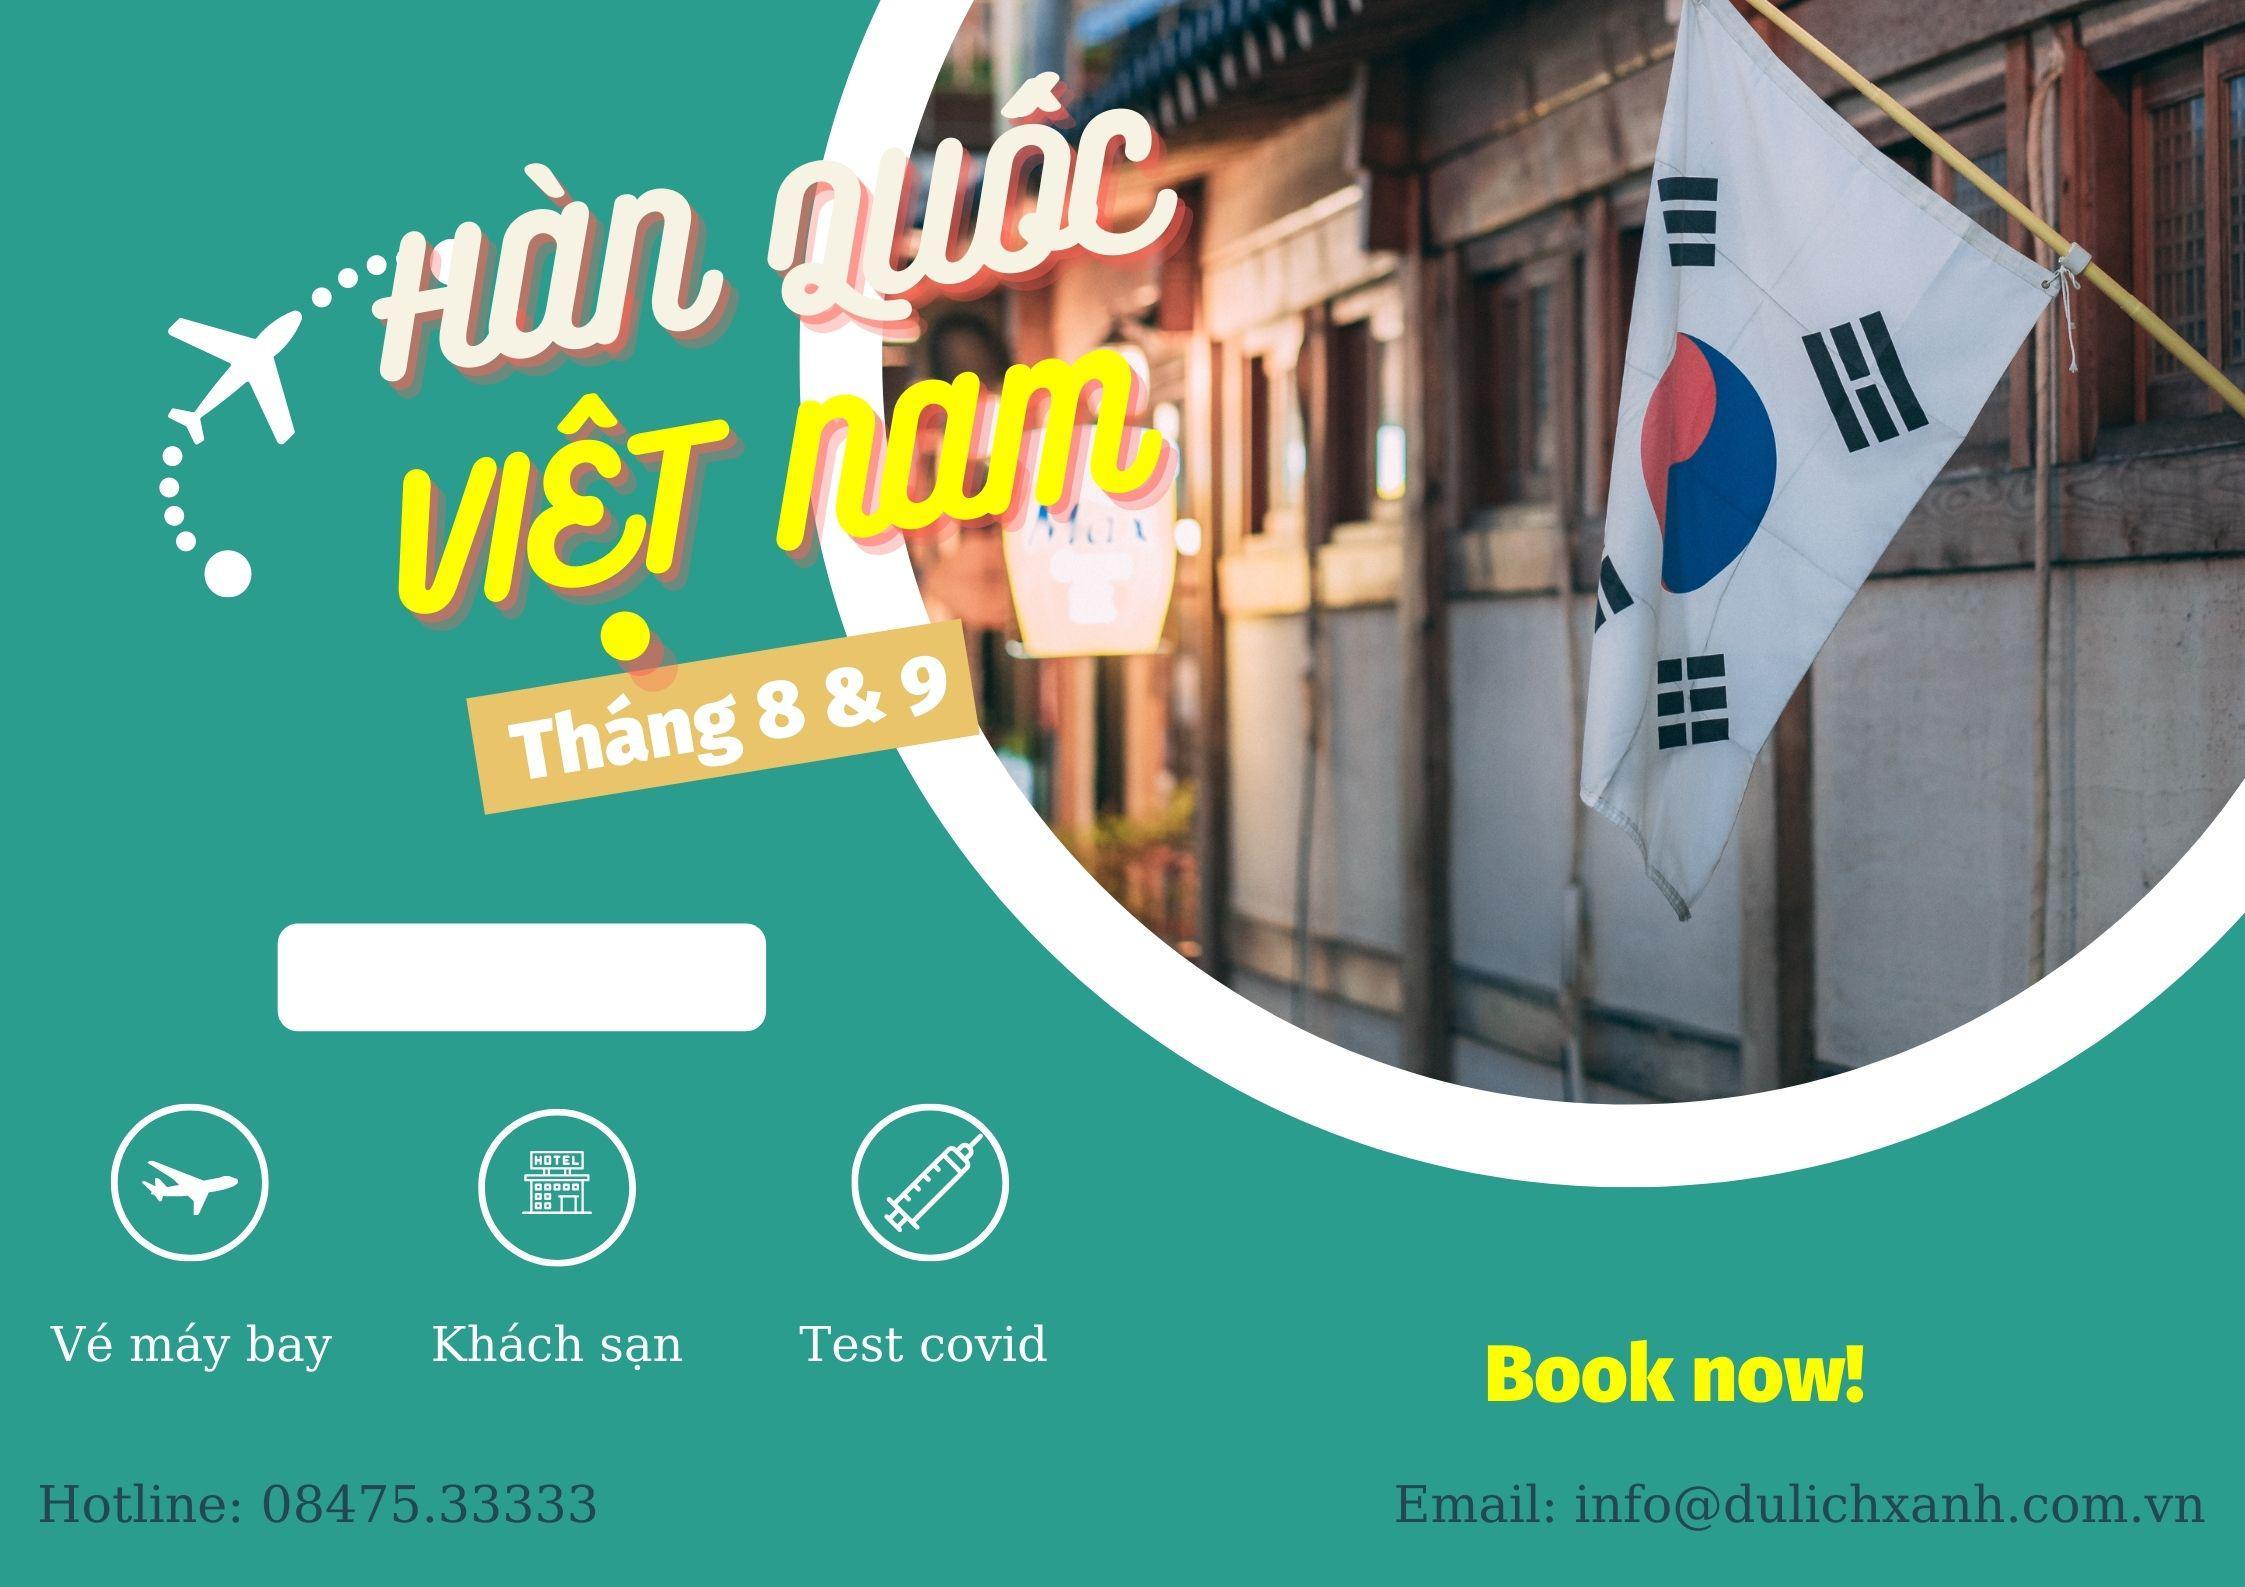 Vé máy bay chuyên gia Hàn Quốc đến Việt Nam tháng 8 & 9